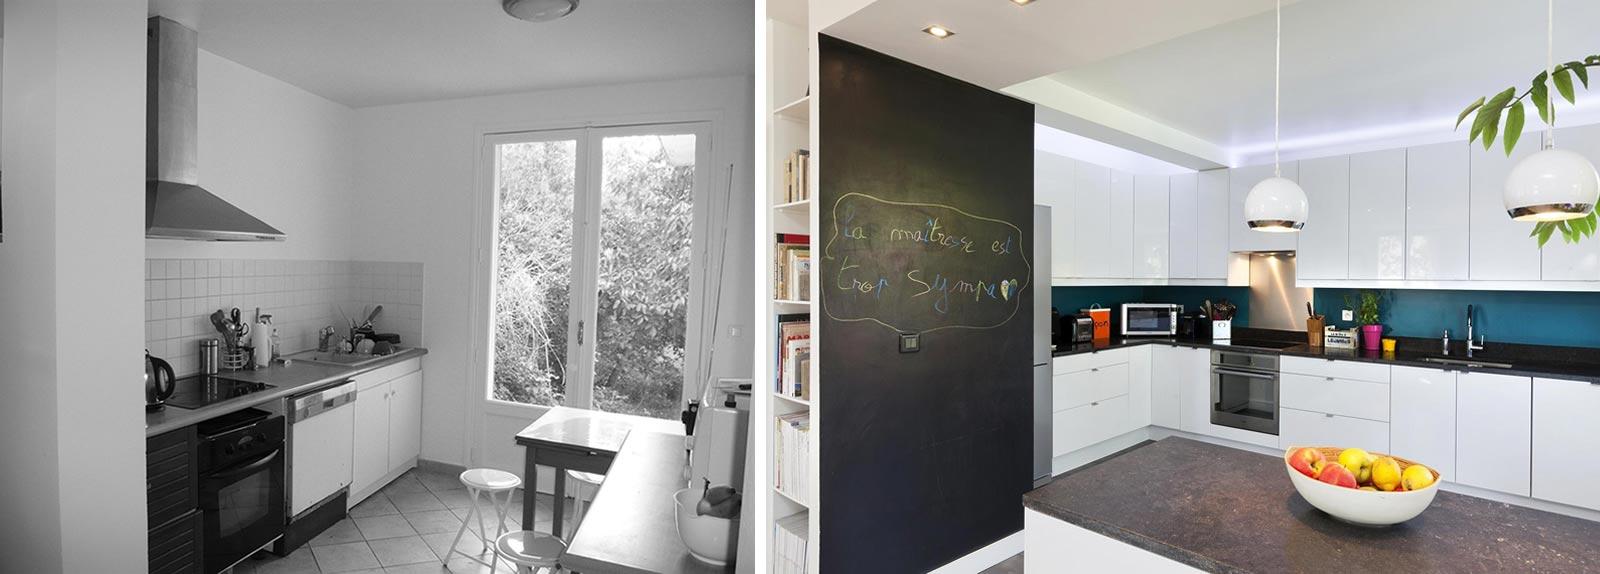 Amenagement d'une cuisine ouverte par un décorateur d'intérieur